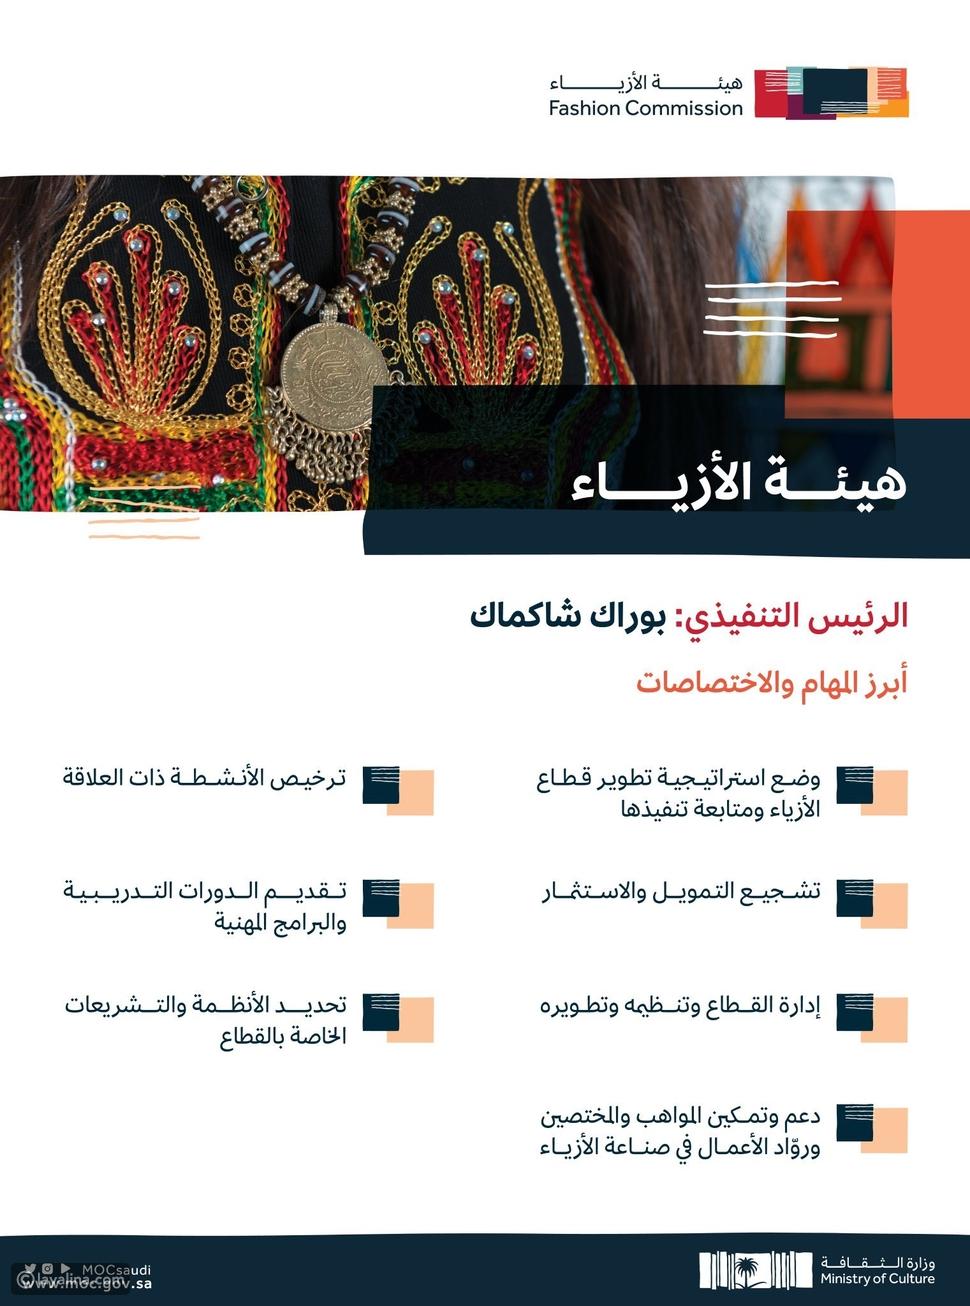 من هو بوراك شاكماك رئيس هيئة الأزياء السعودية؟